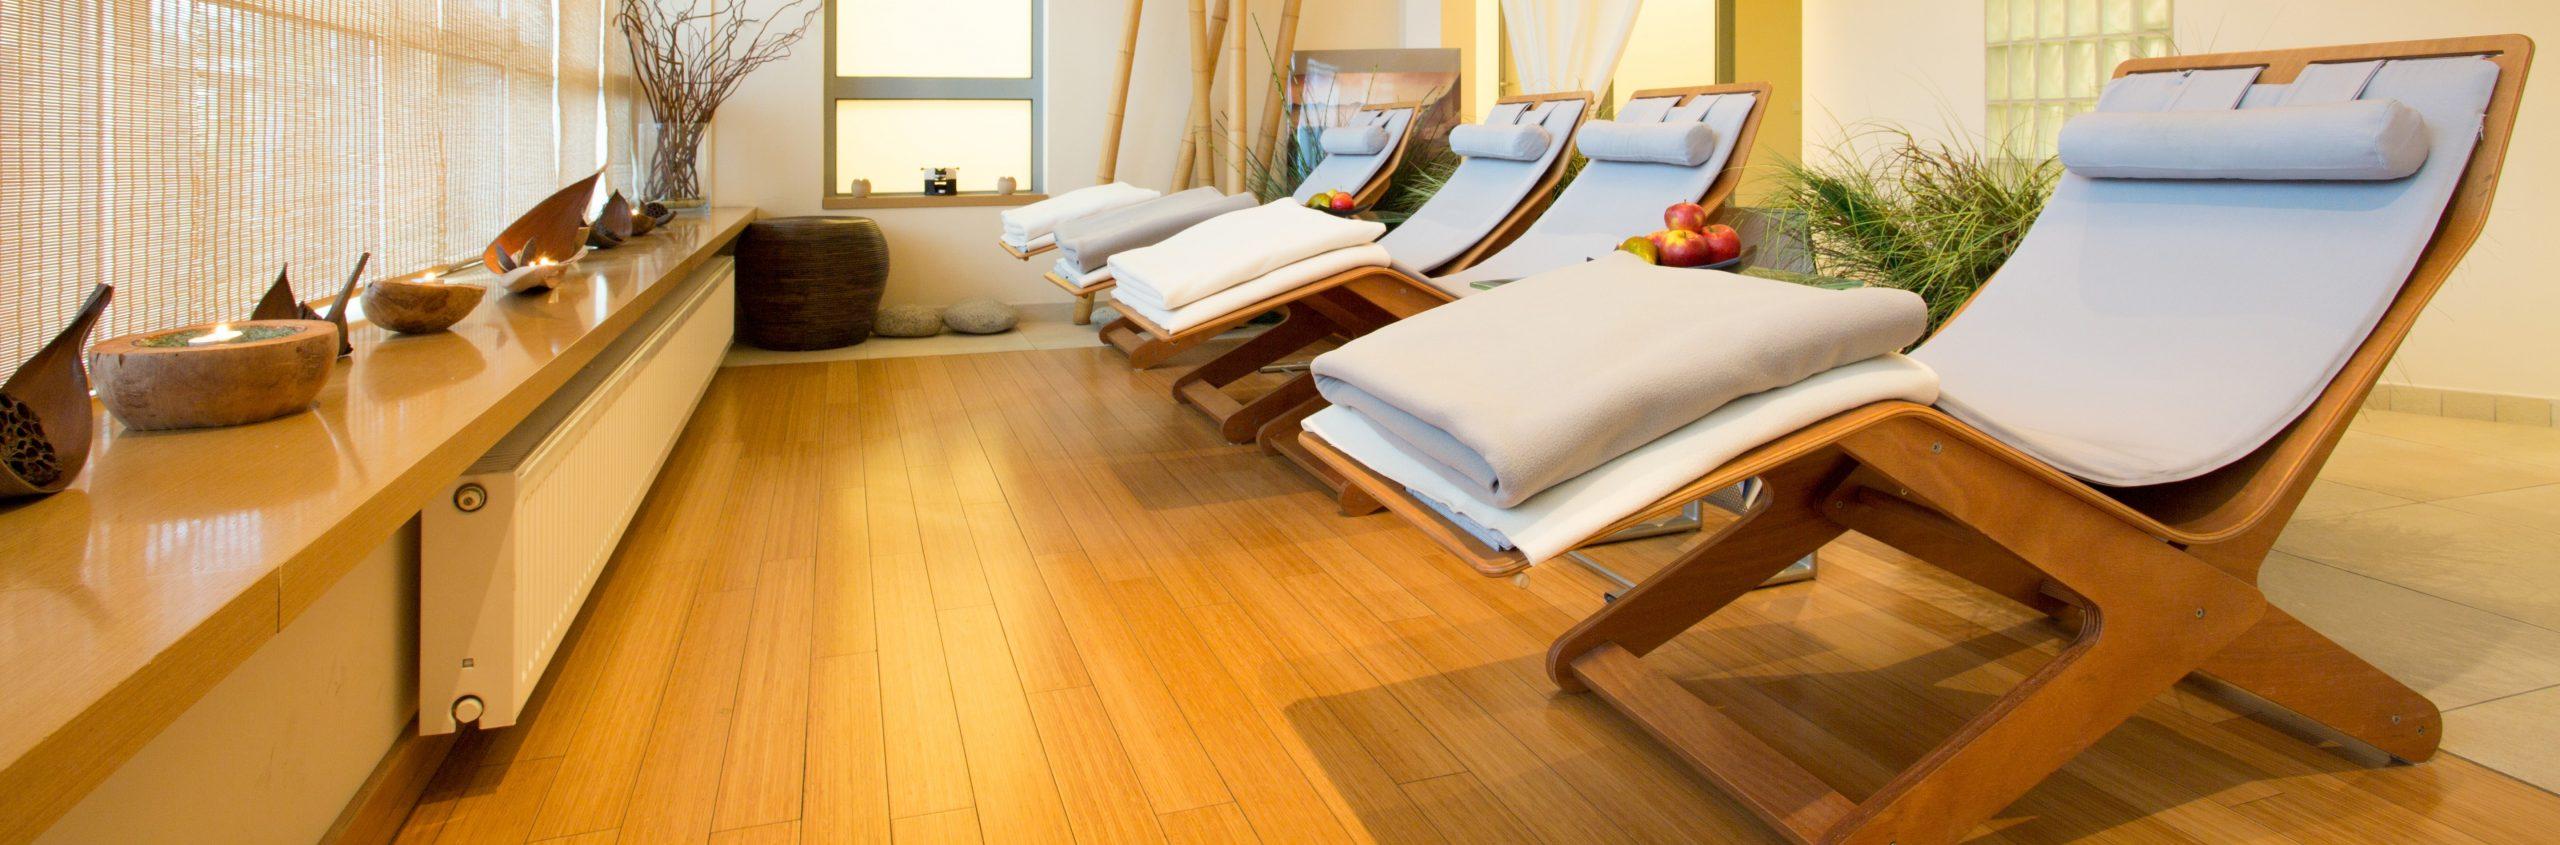 Як залучити клієнтів у масажний салон | Kyivstar Business Hub зображення №1